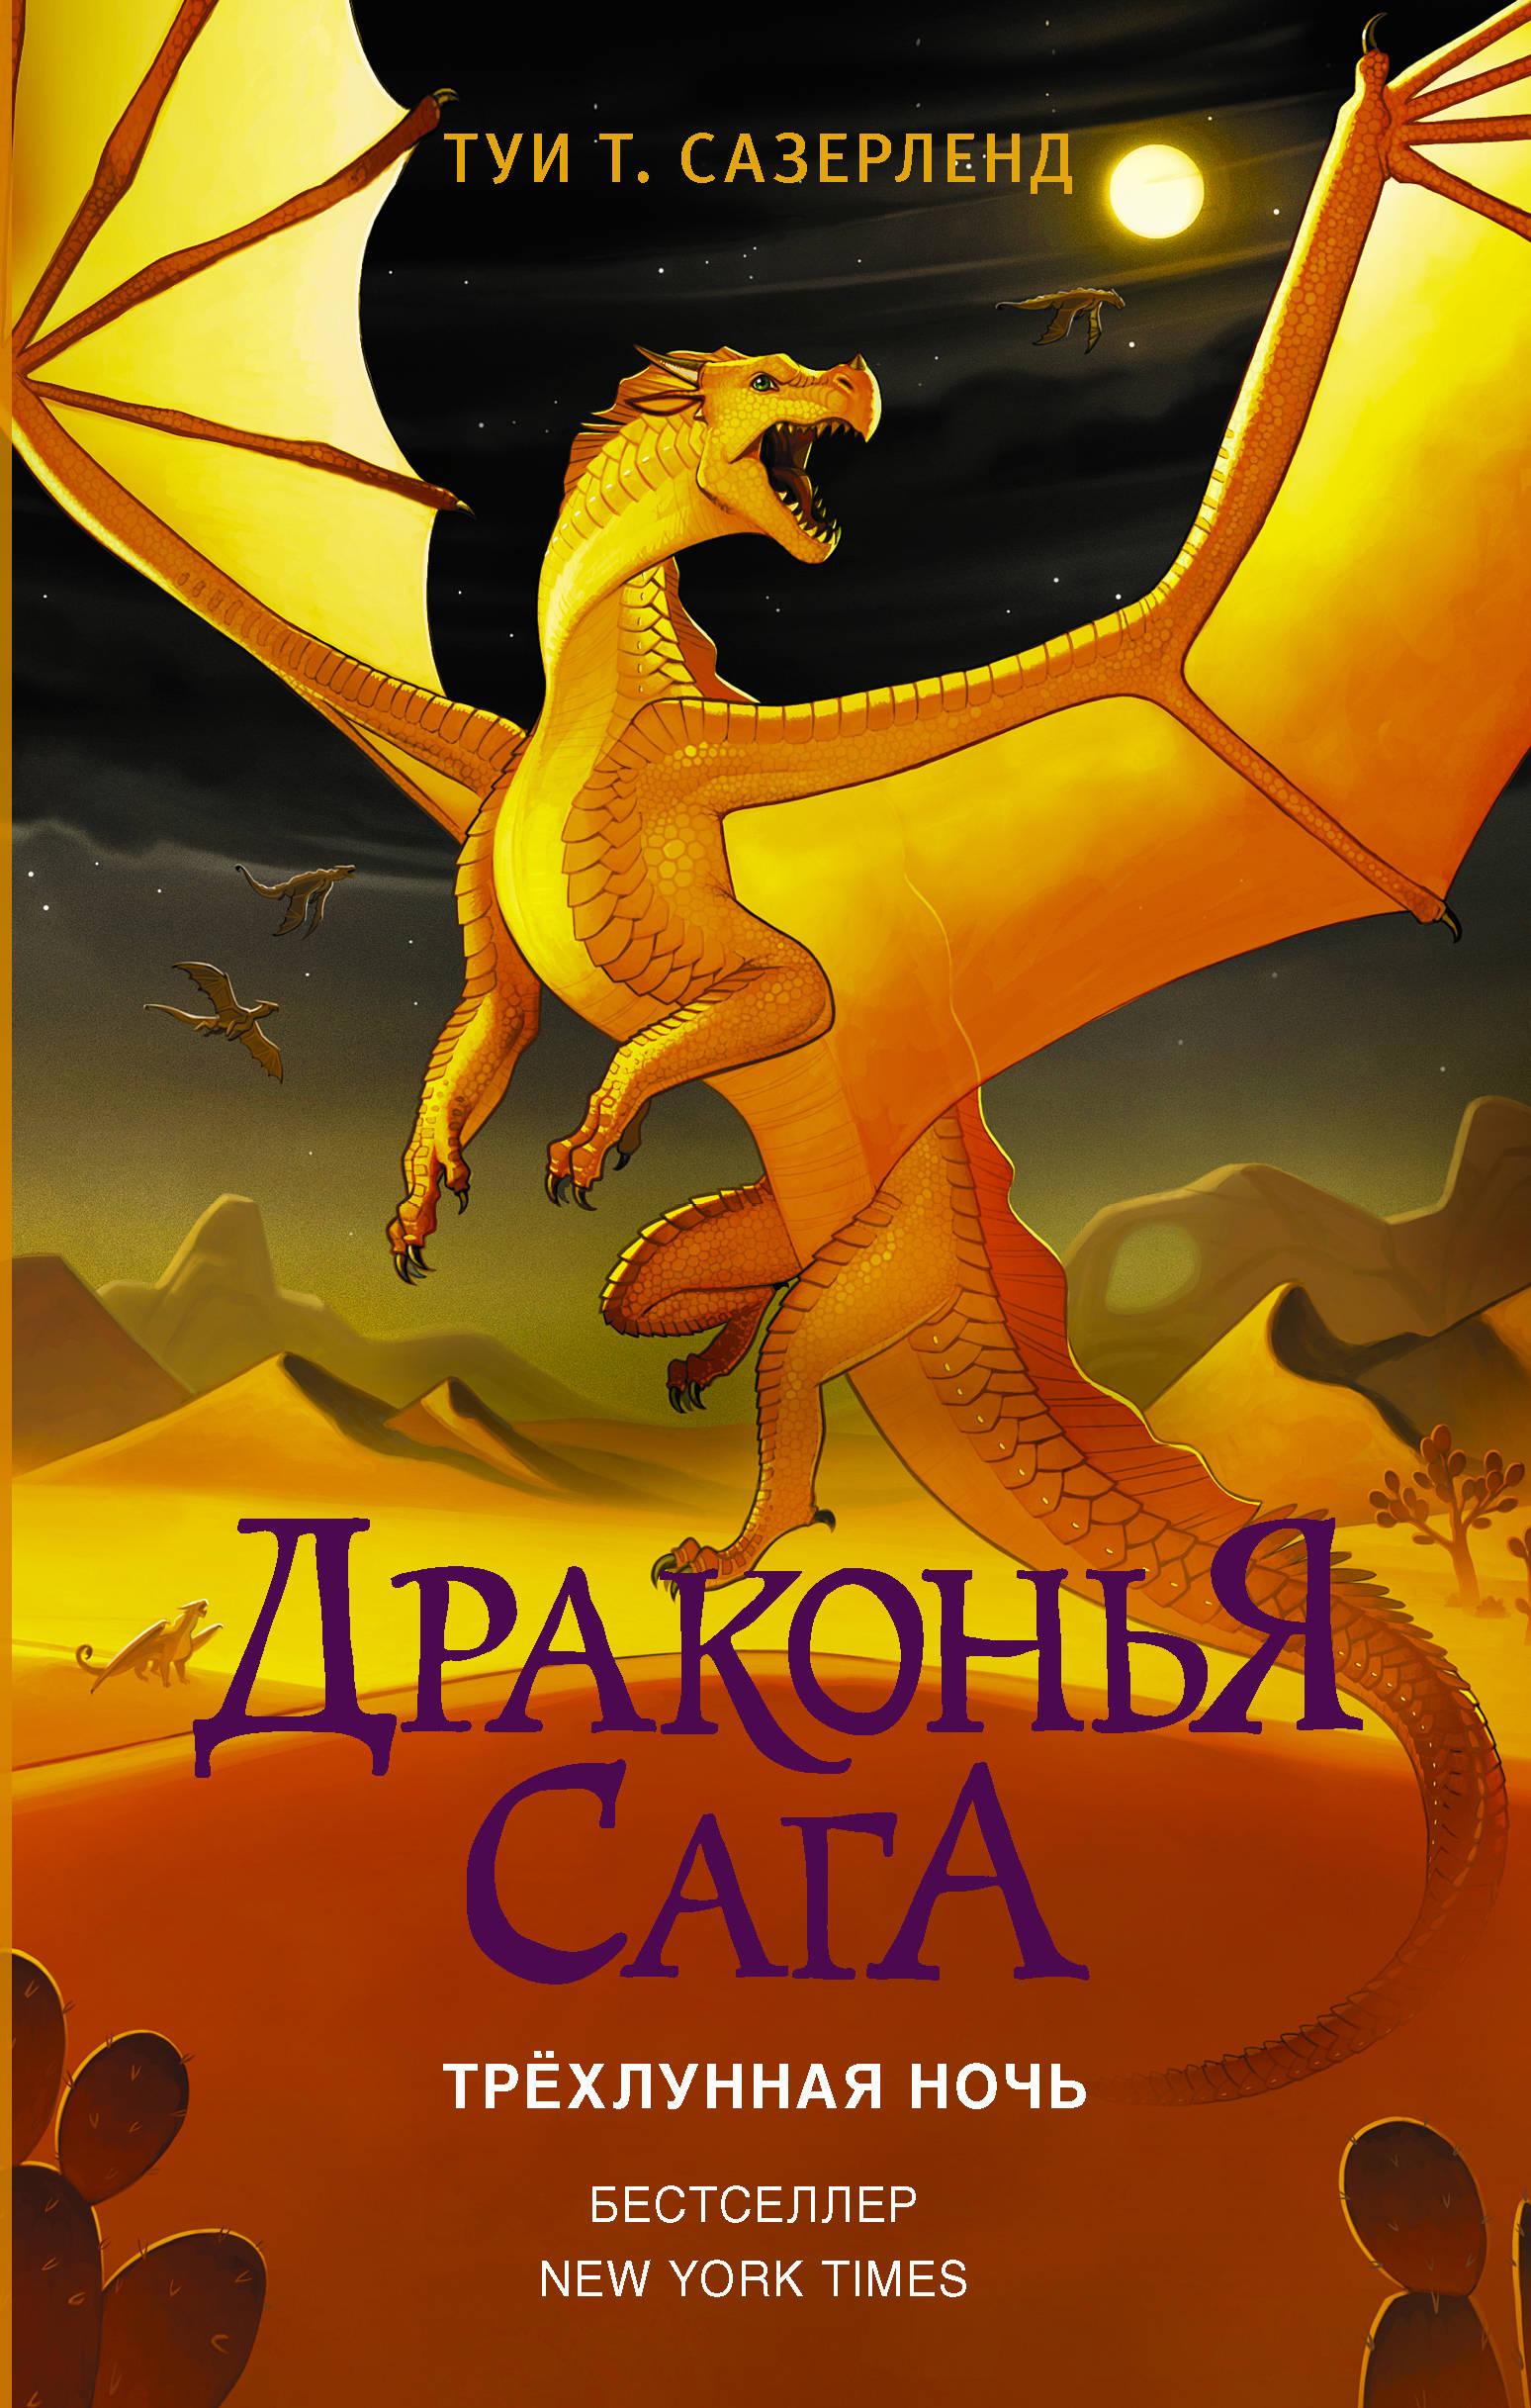 Туи Т. Сазерленд Драконья сага. Трёхлунная ночь